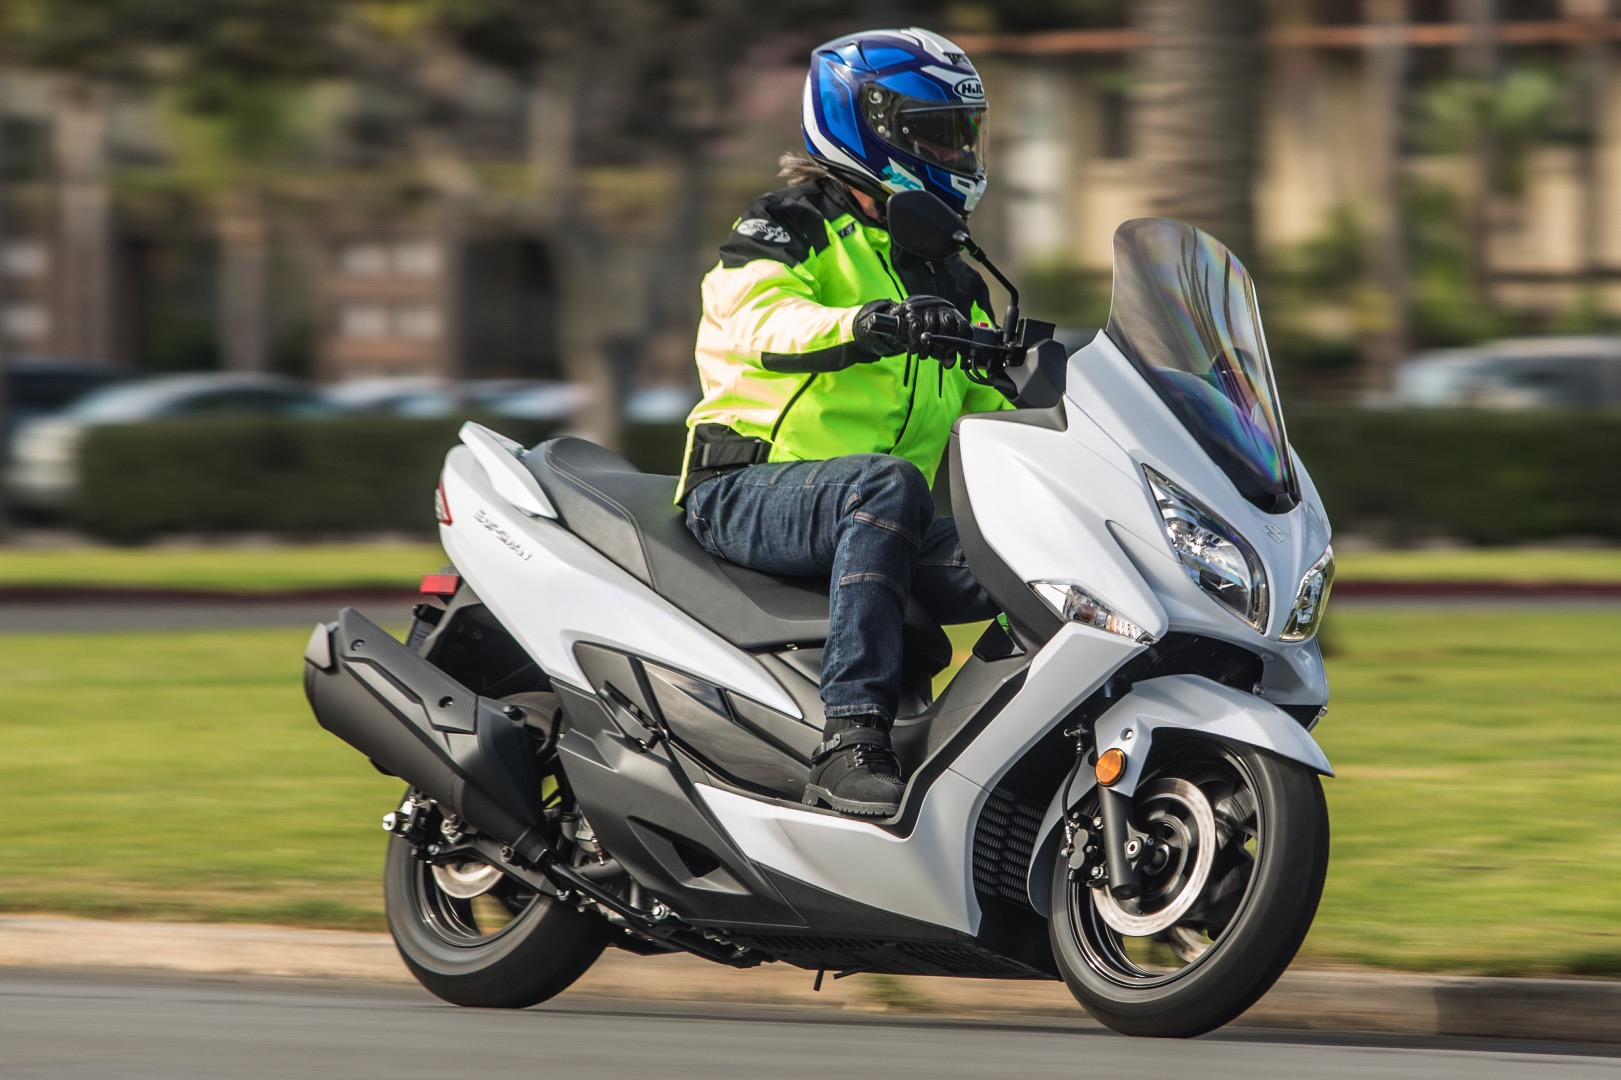 2018 Suzuki Burgman 400 First Ride Review